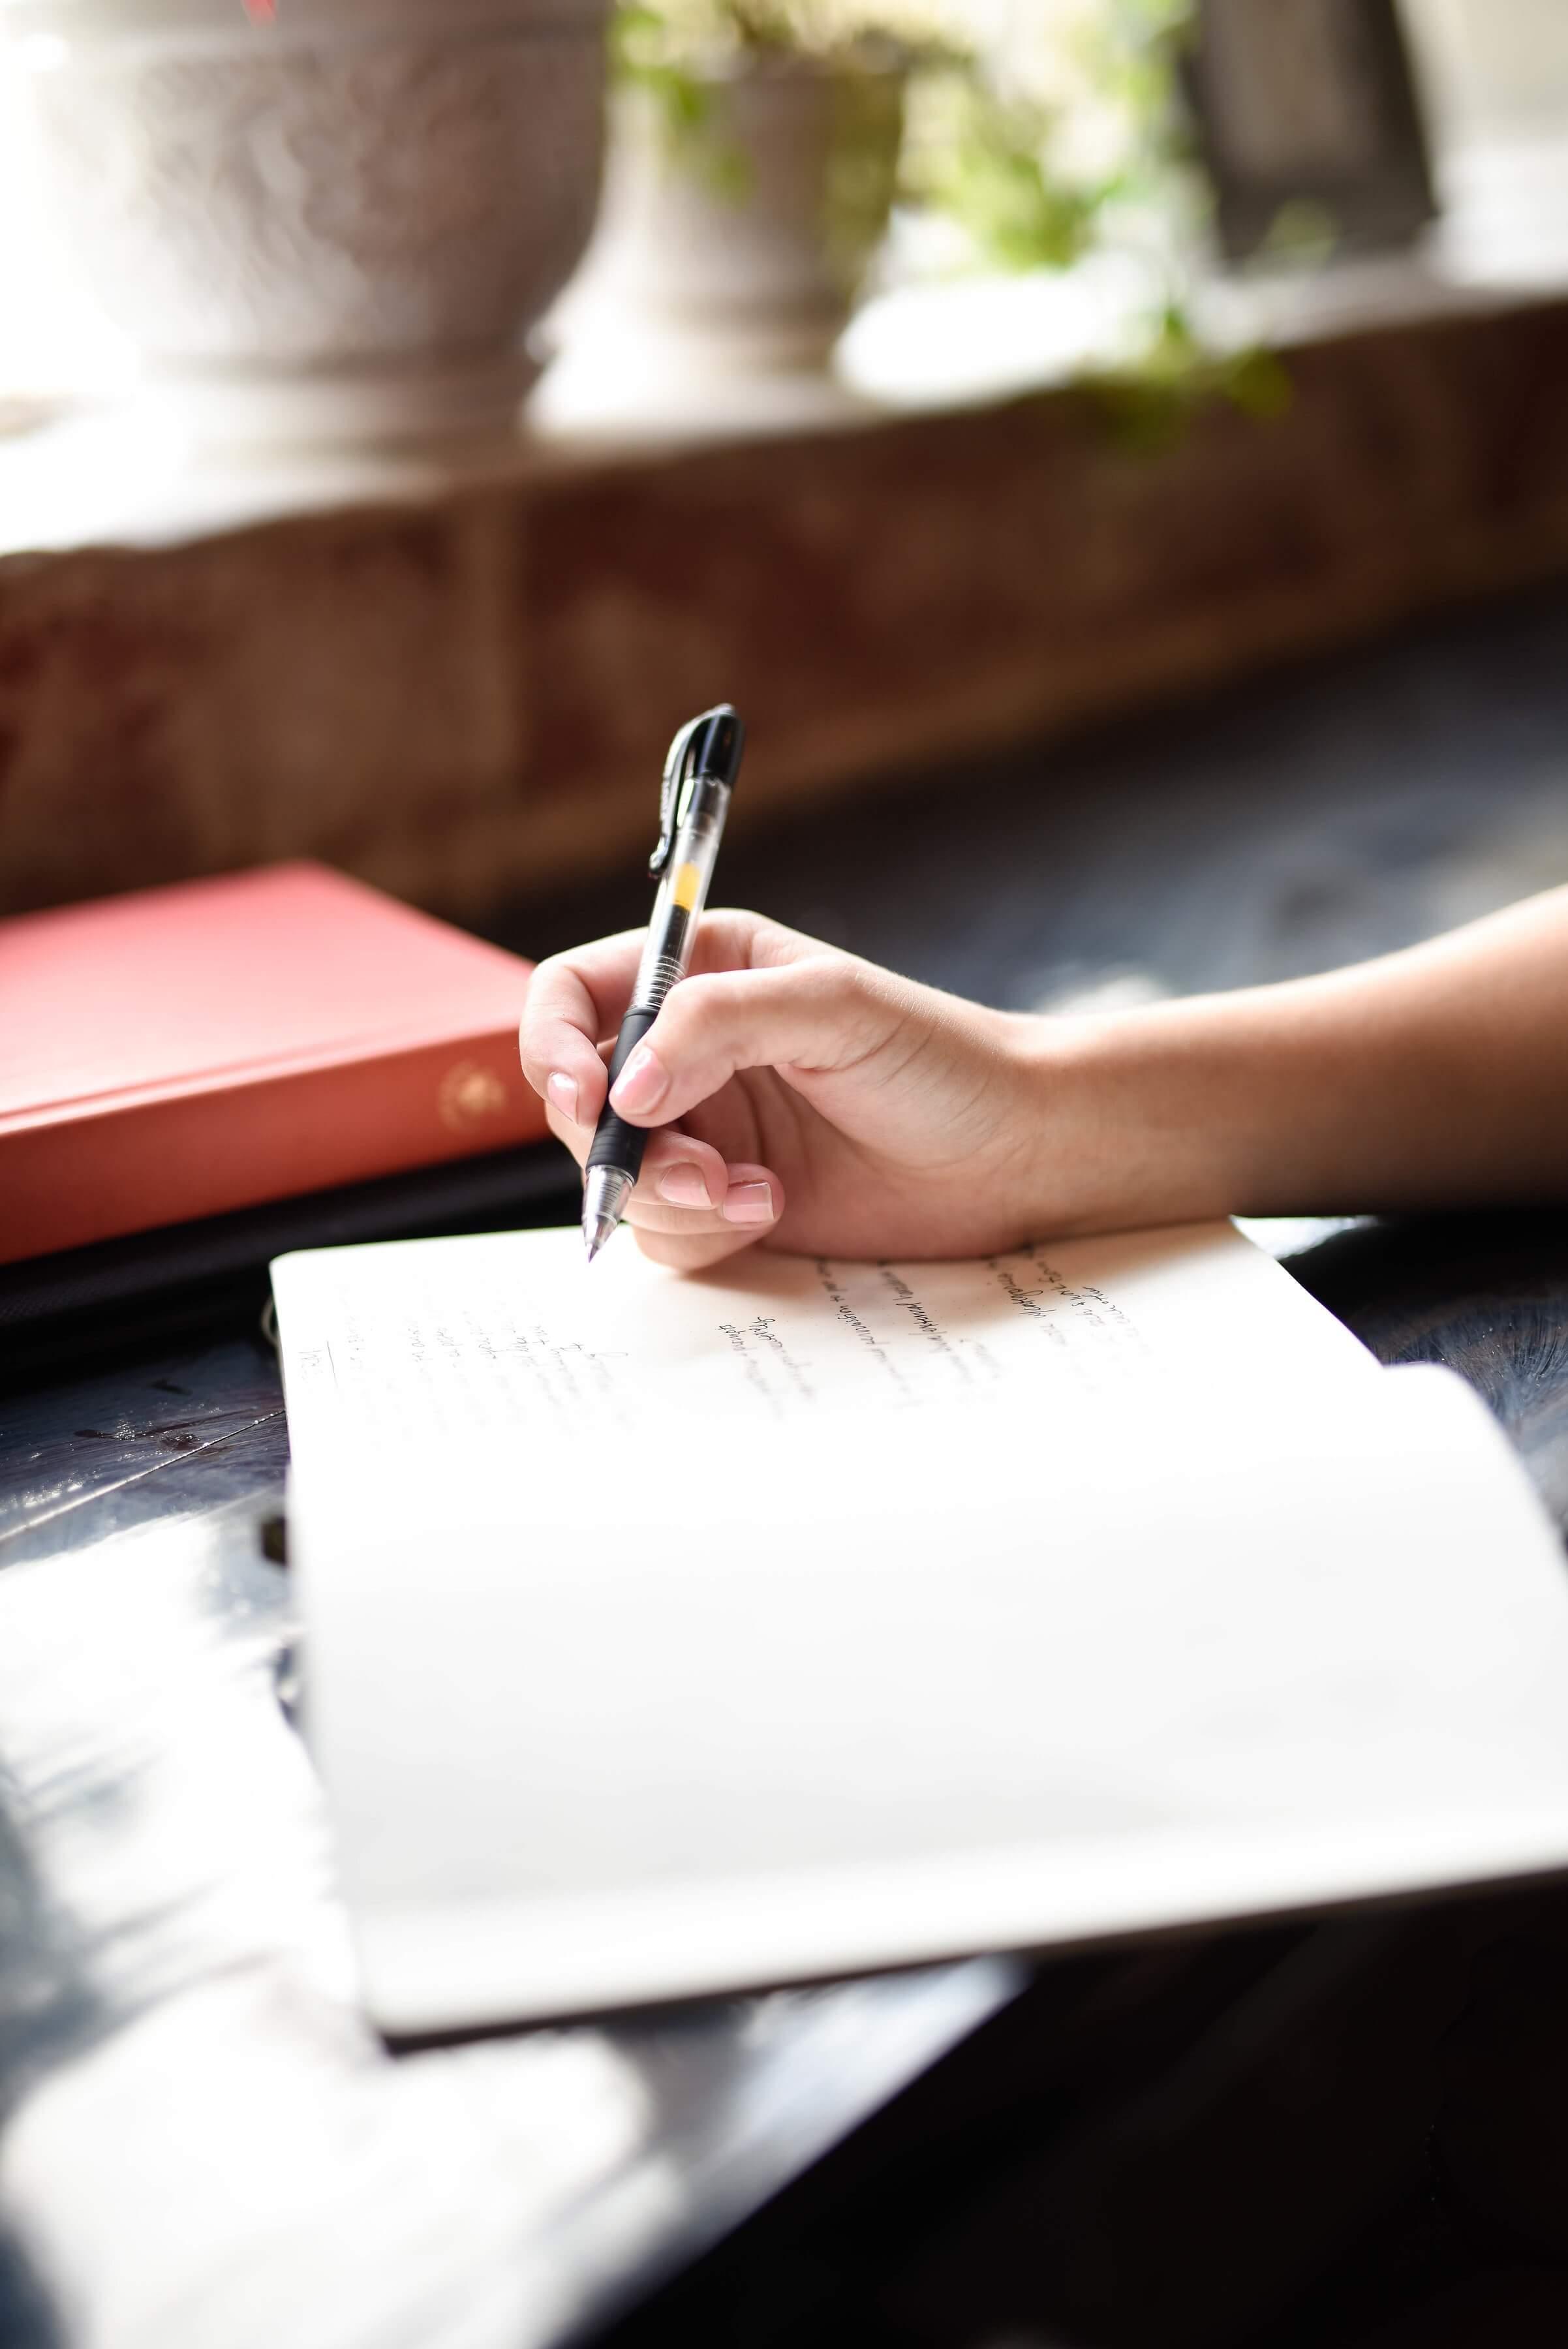 writing-notebook-pen